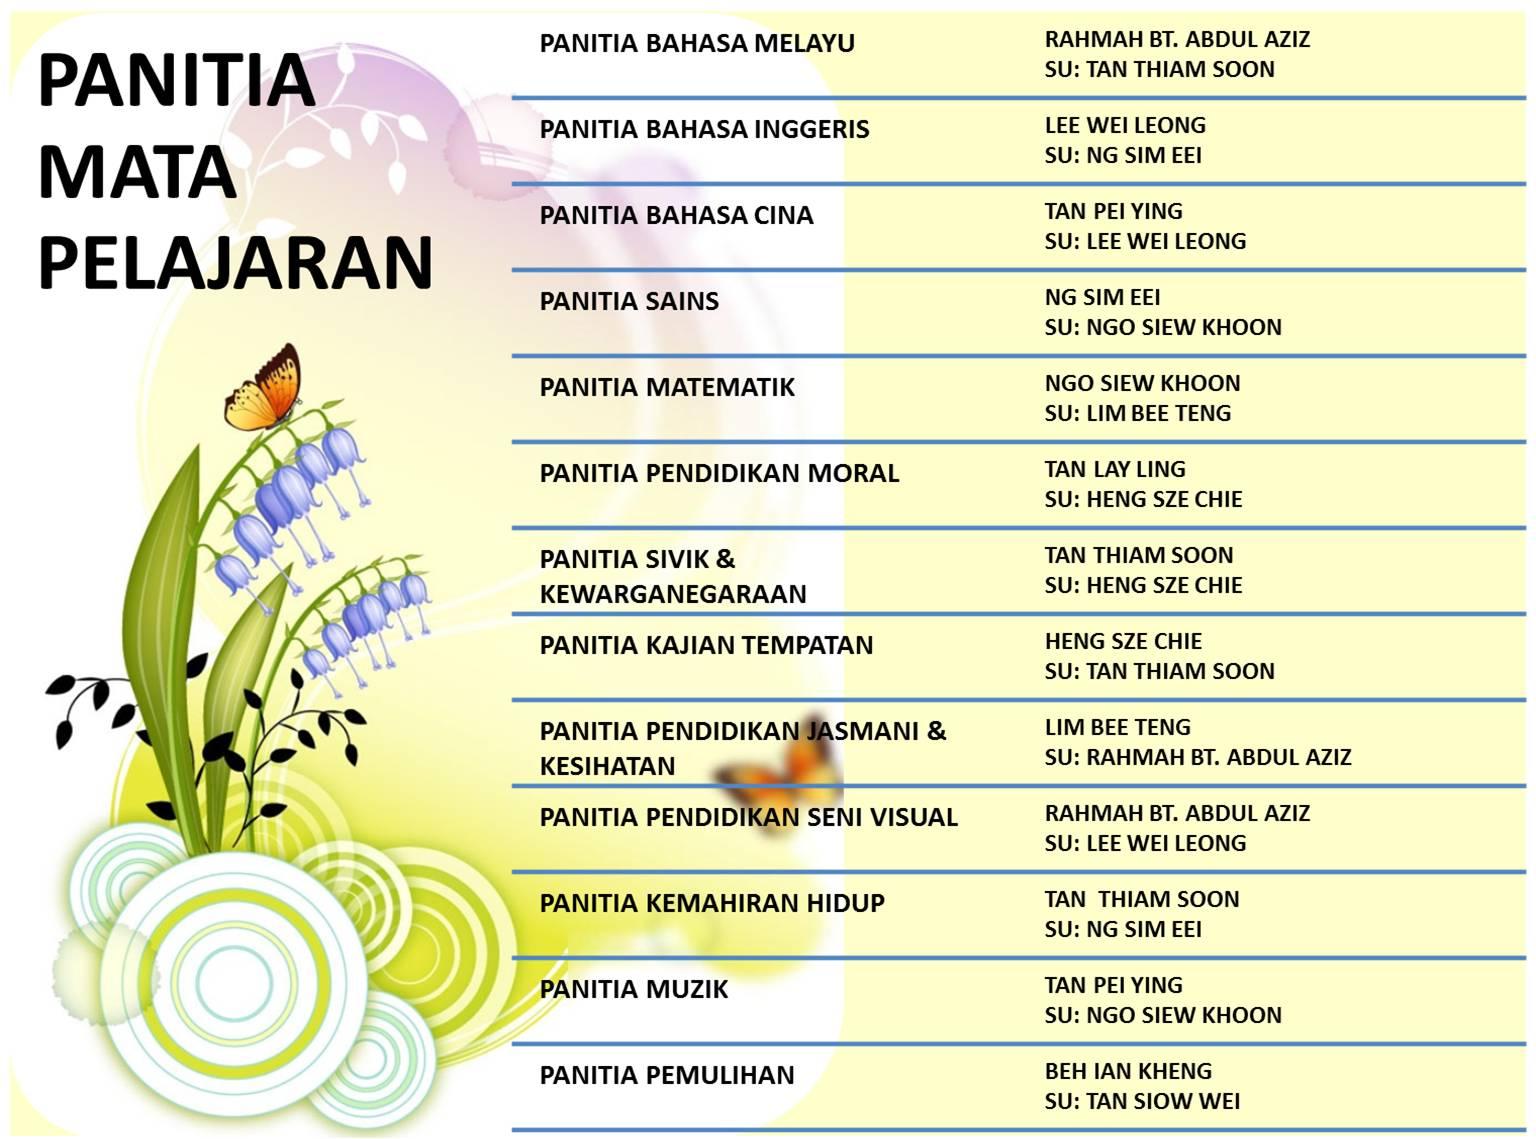 PANITIA MATA PELAJARAN TAHUN 2012